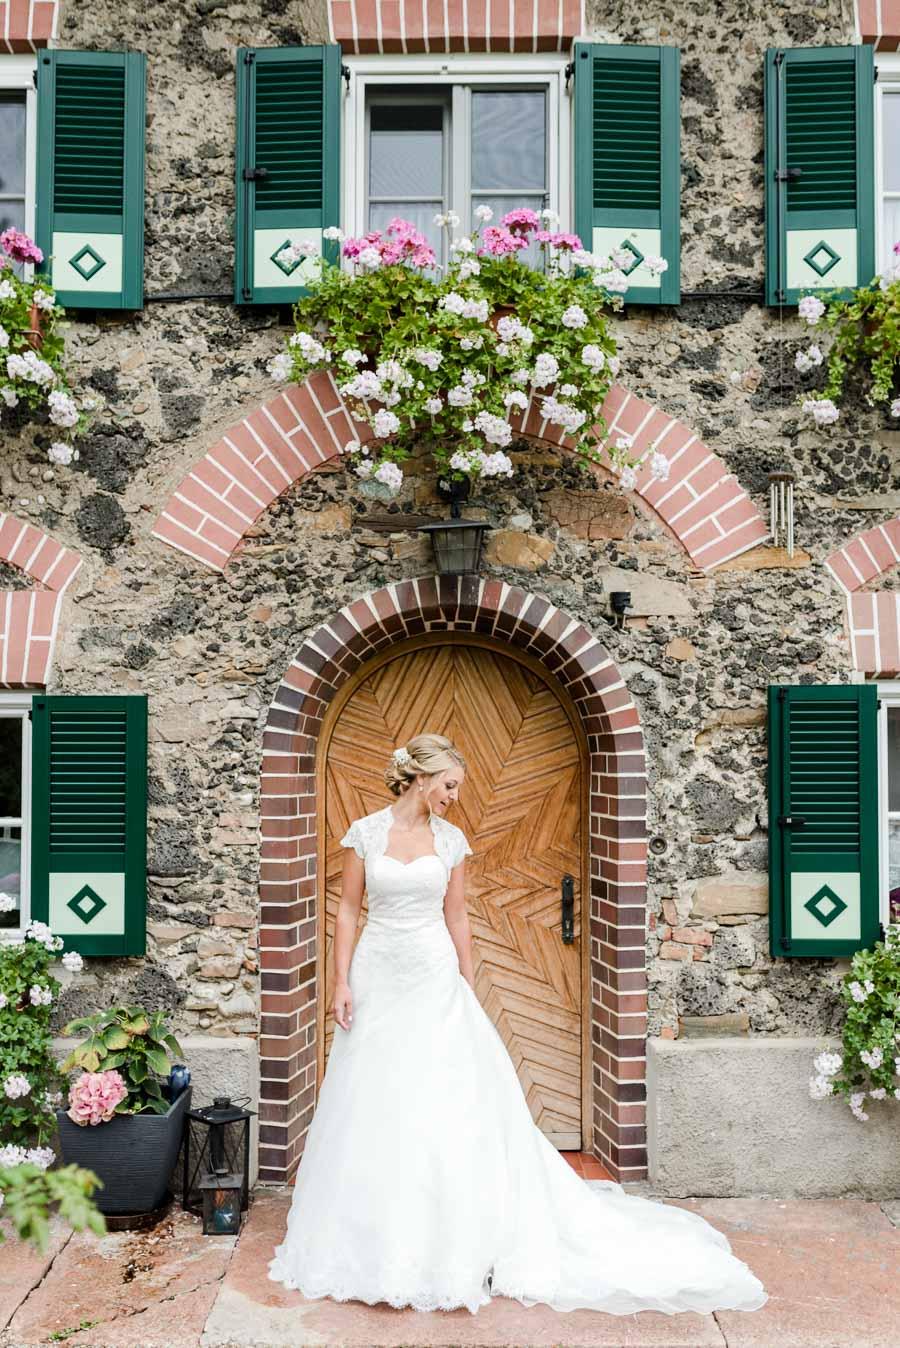 Die Braut posiert vor einer steinernen Fassade